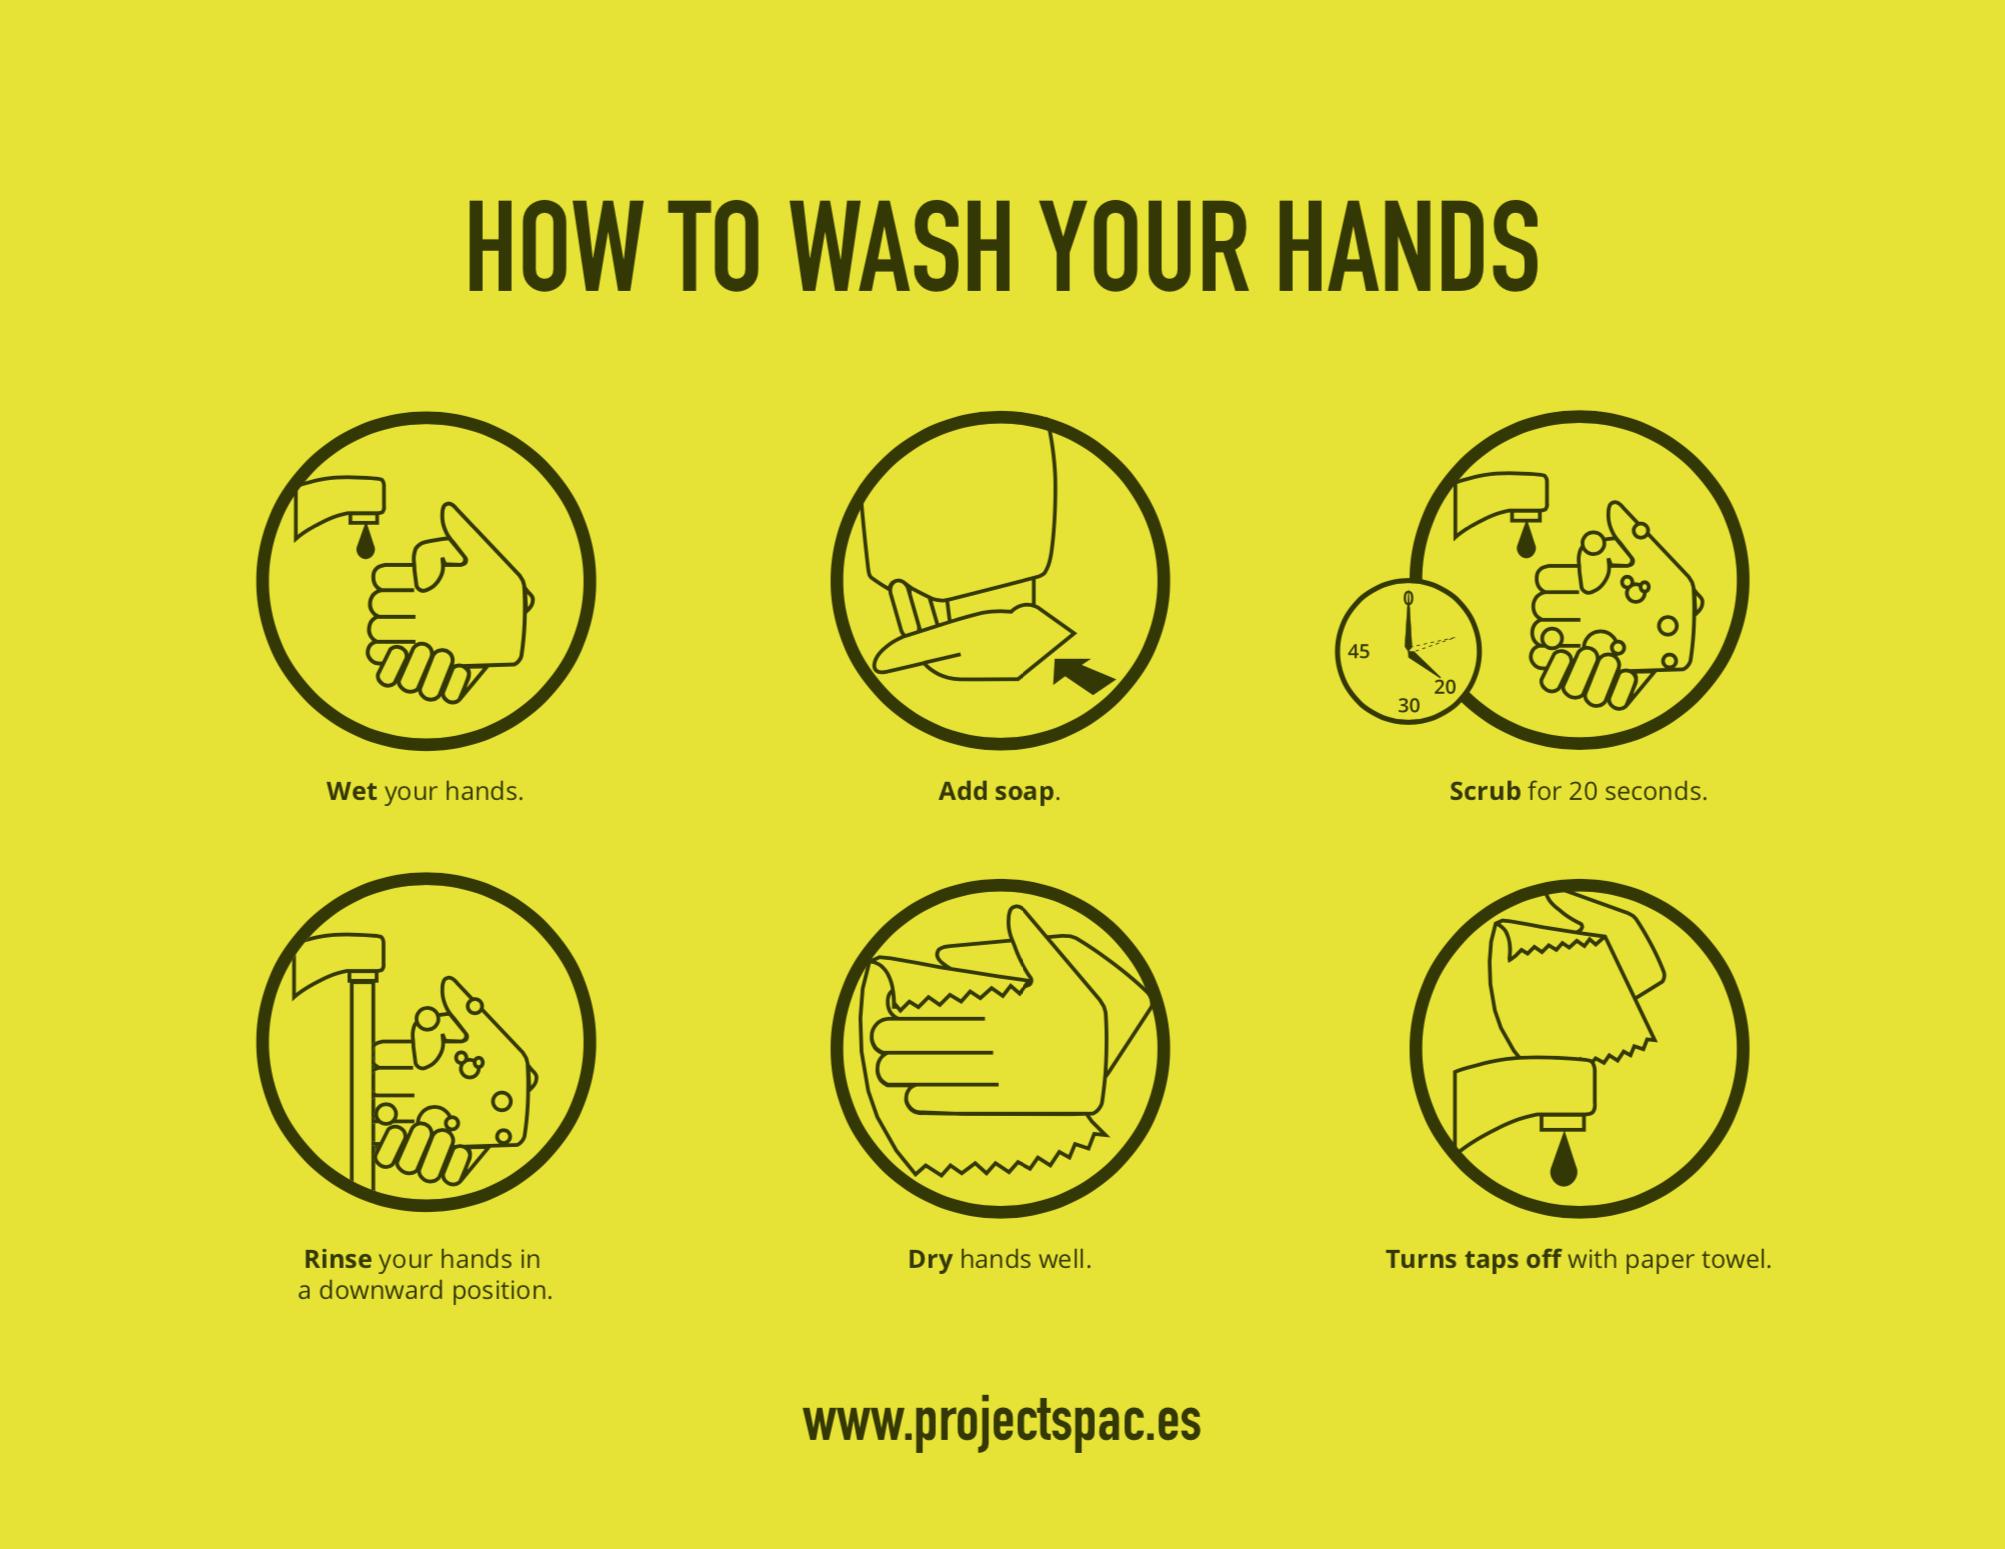 COVID-19 Notice (wash hands)